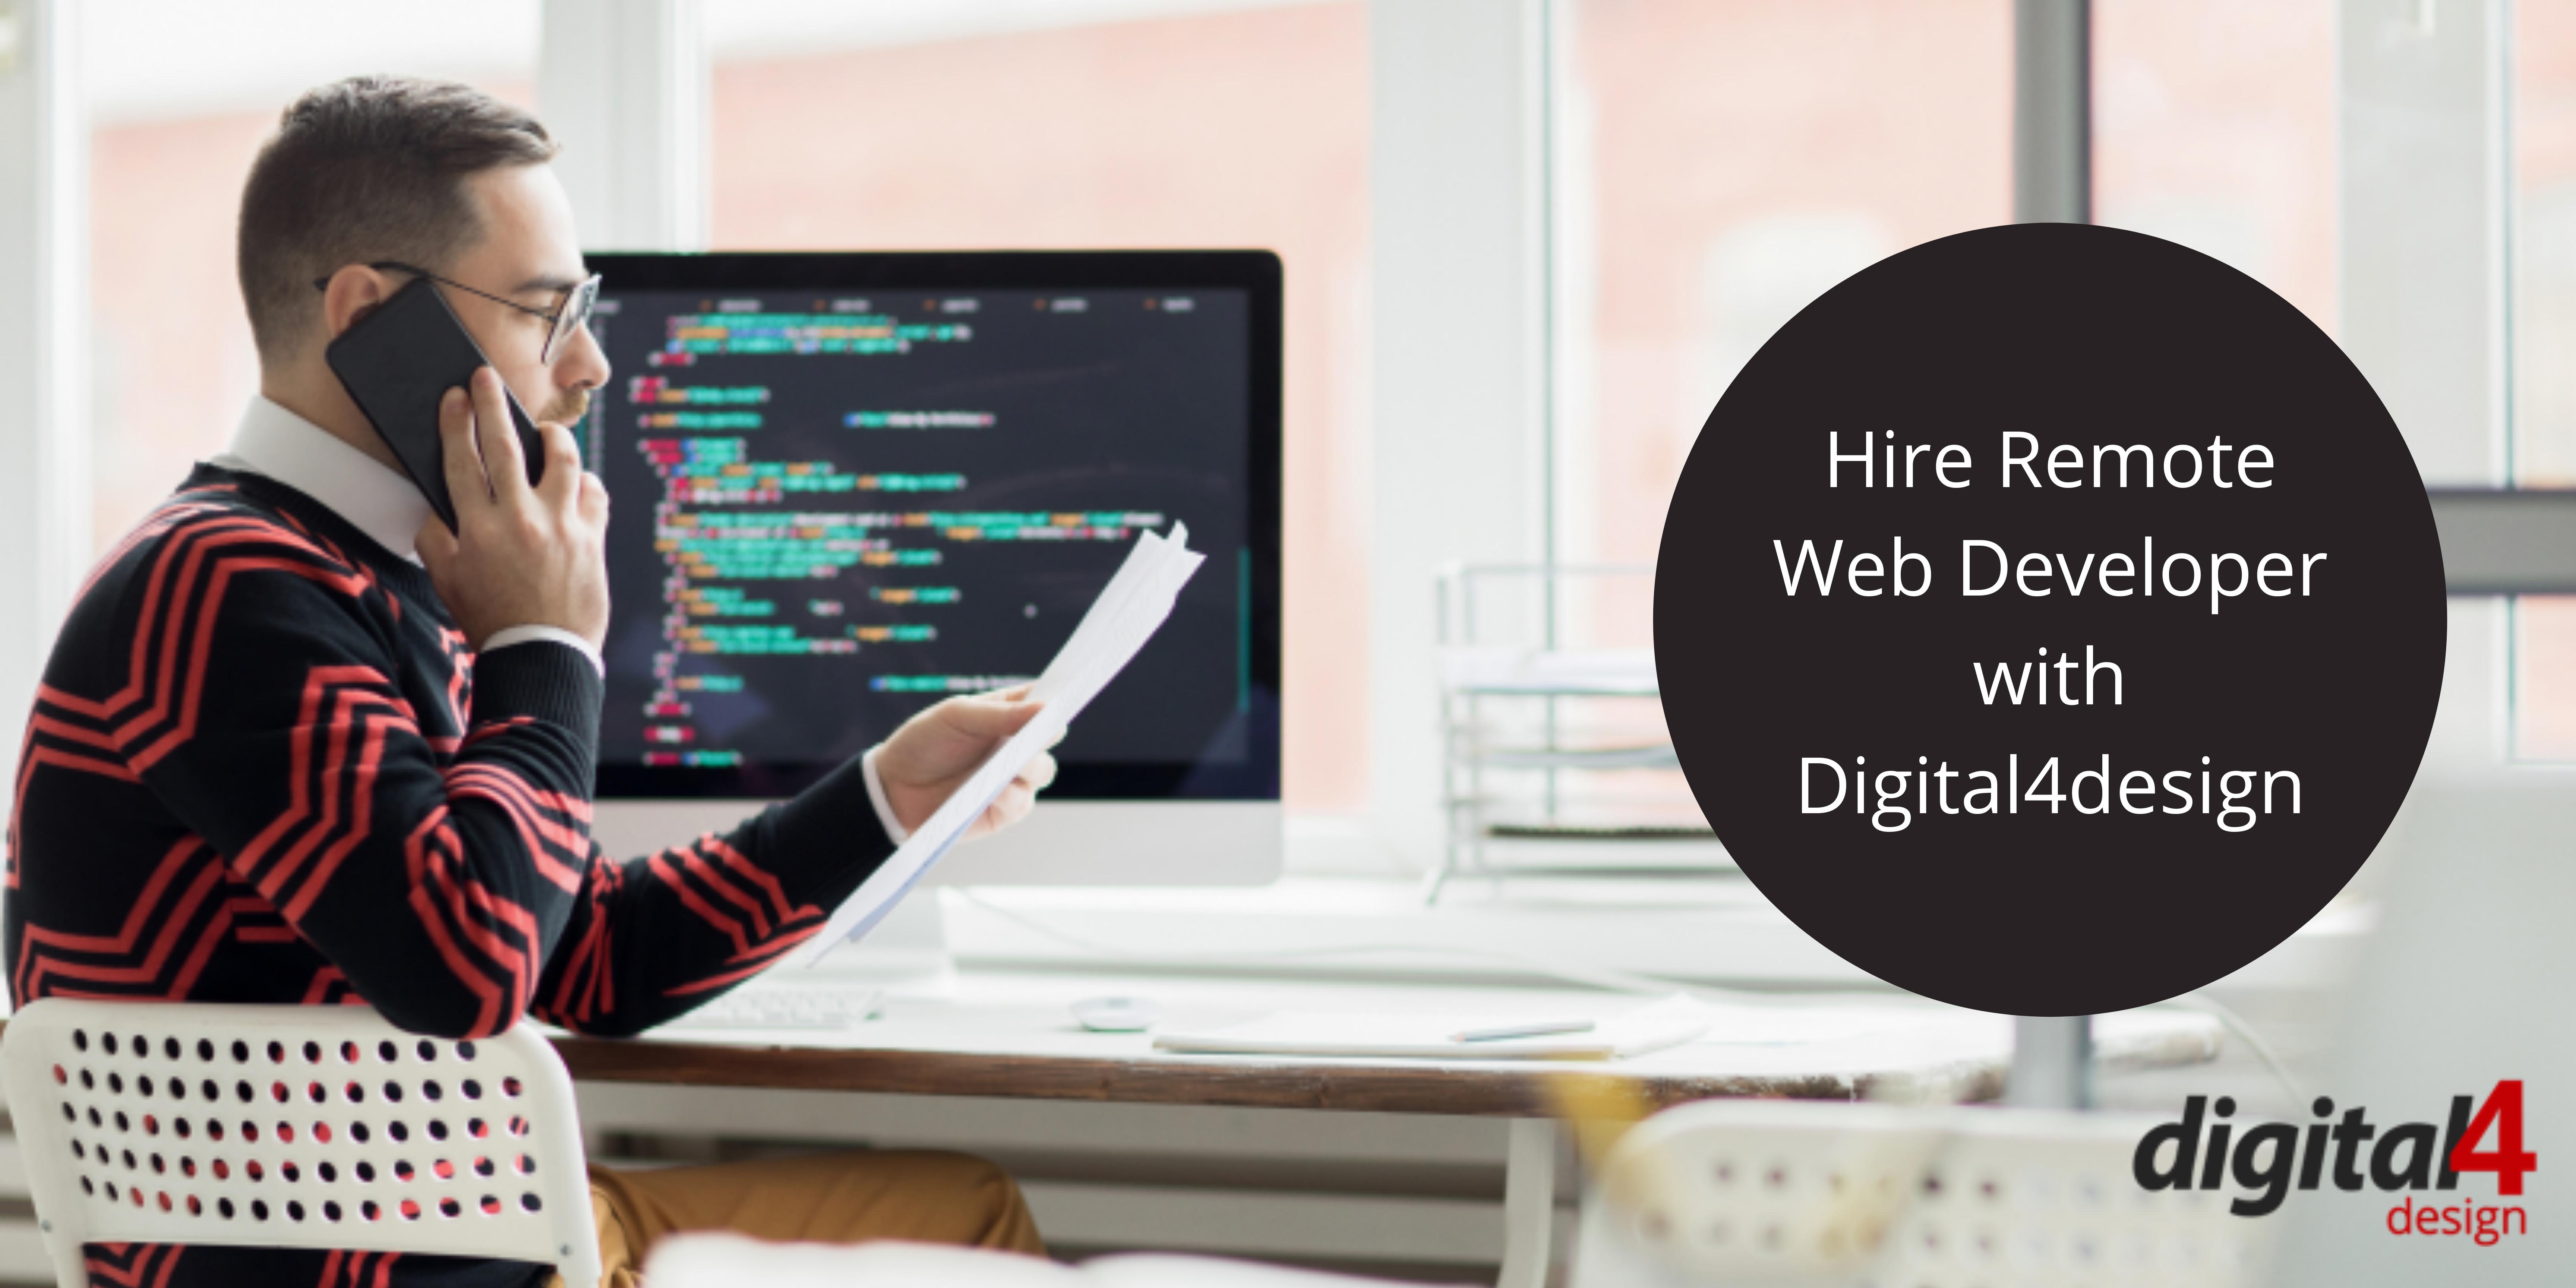 Hire Remote Web Developer from Trustable Web Development Company